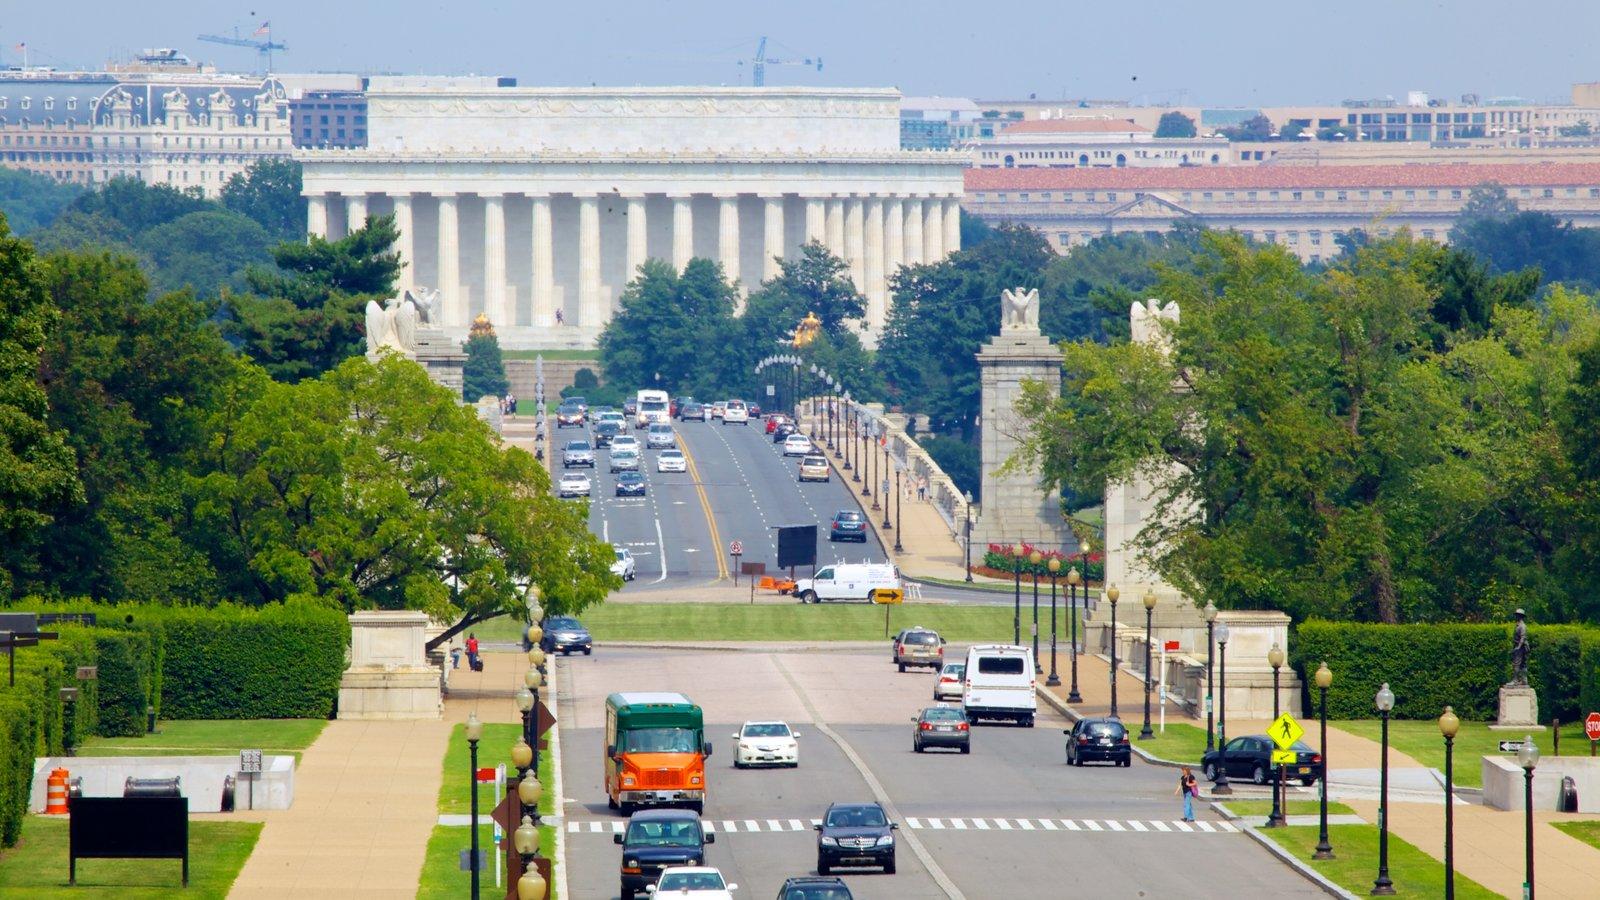 Arlington National Cemetery mostrando uma cidade, um memorial e um cemitério